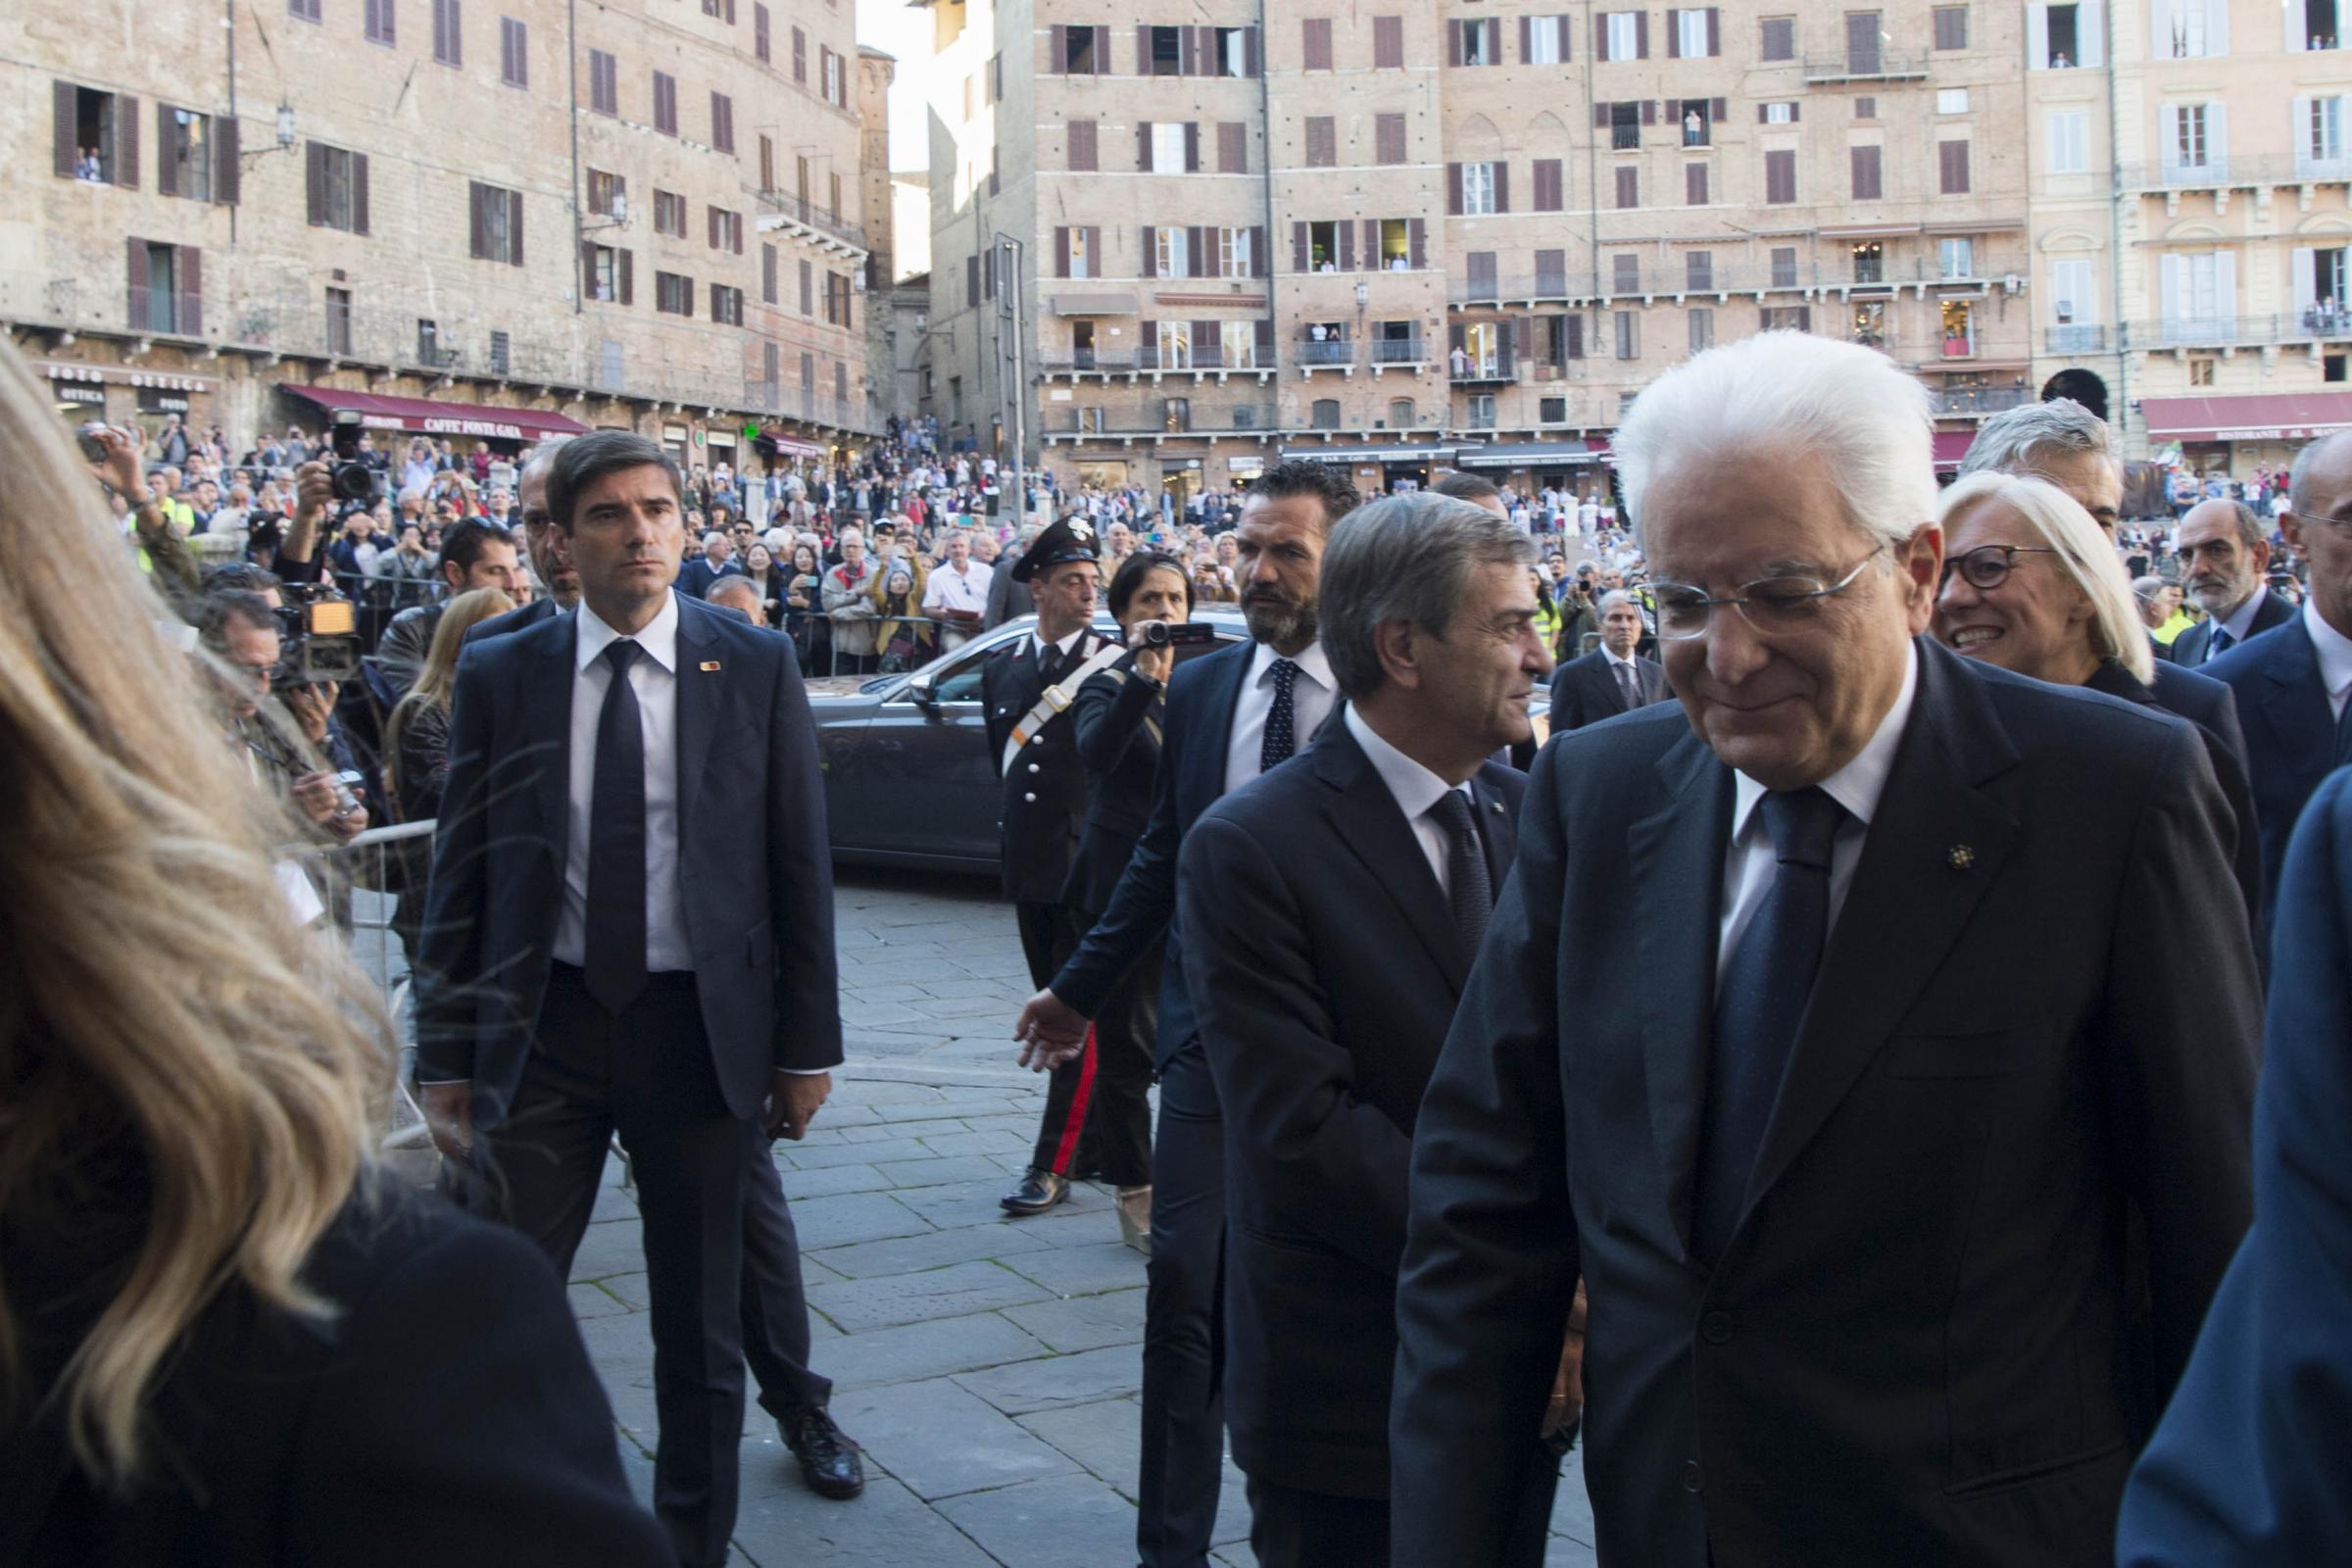 Caso David Rossi: Prefetto contatta la famiglia per portare la lettera a Roma